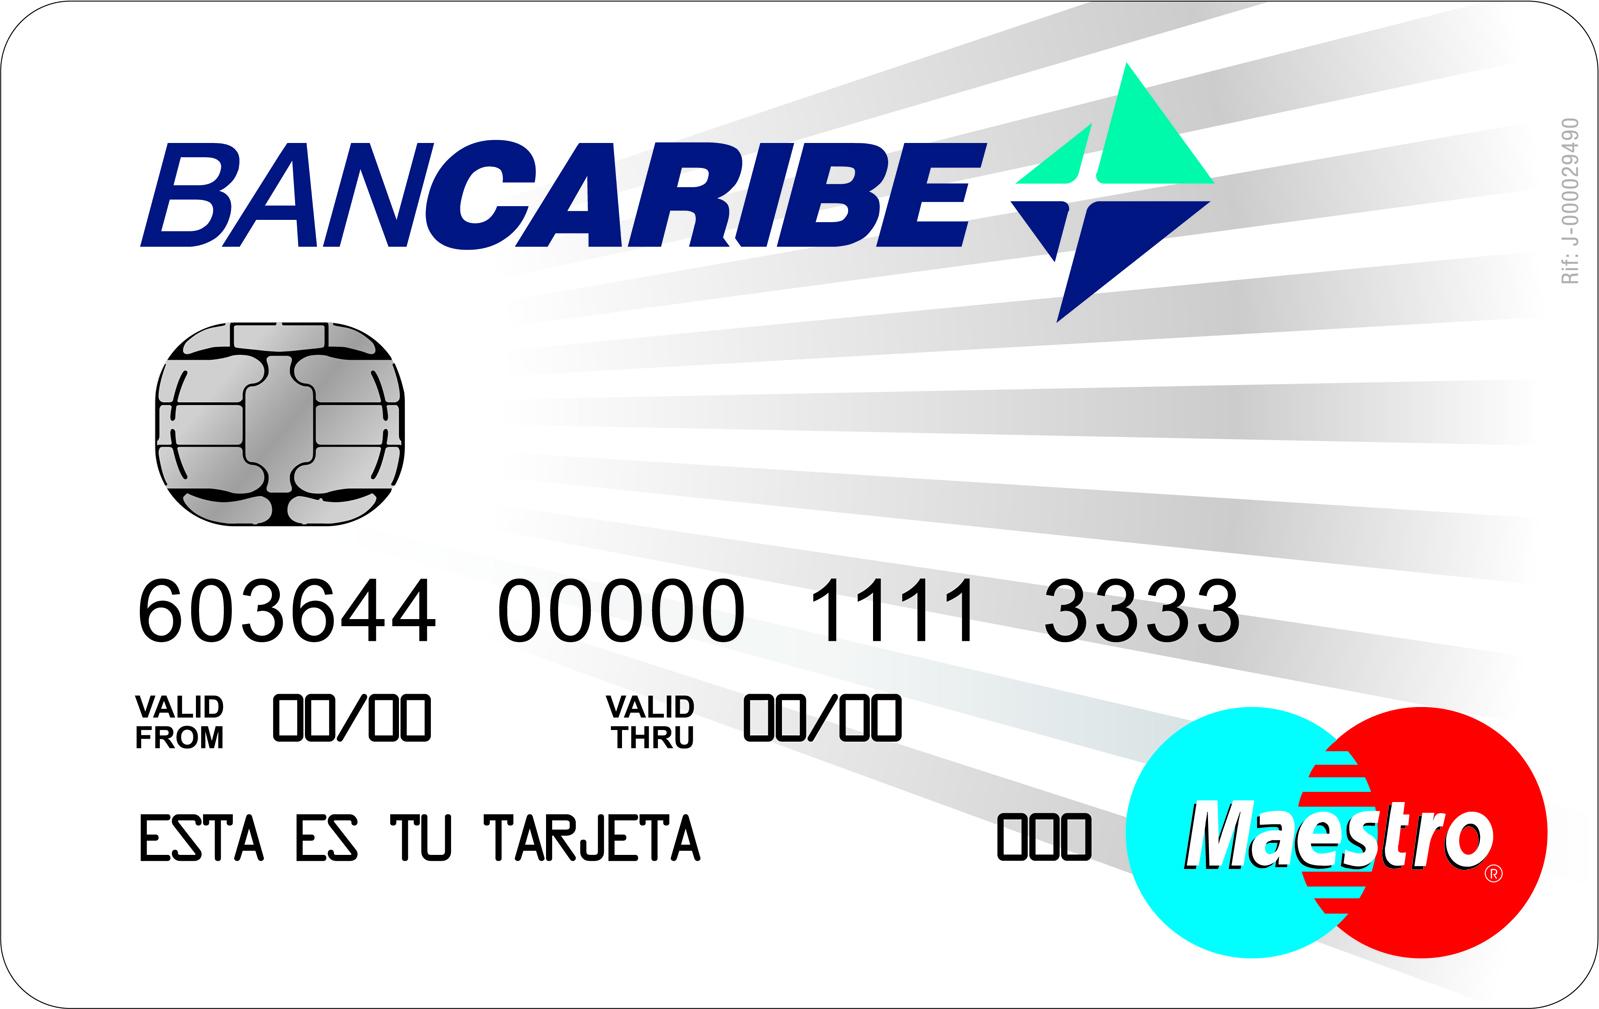 Bancaribe realizar operativo de entrega de tarjetas de d bito con chip Habilitar visa debito para el exterior